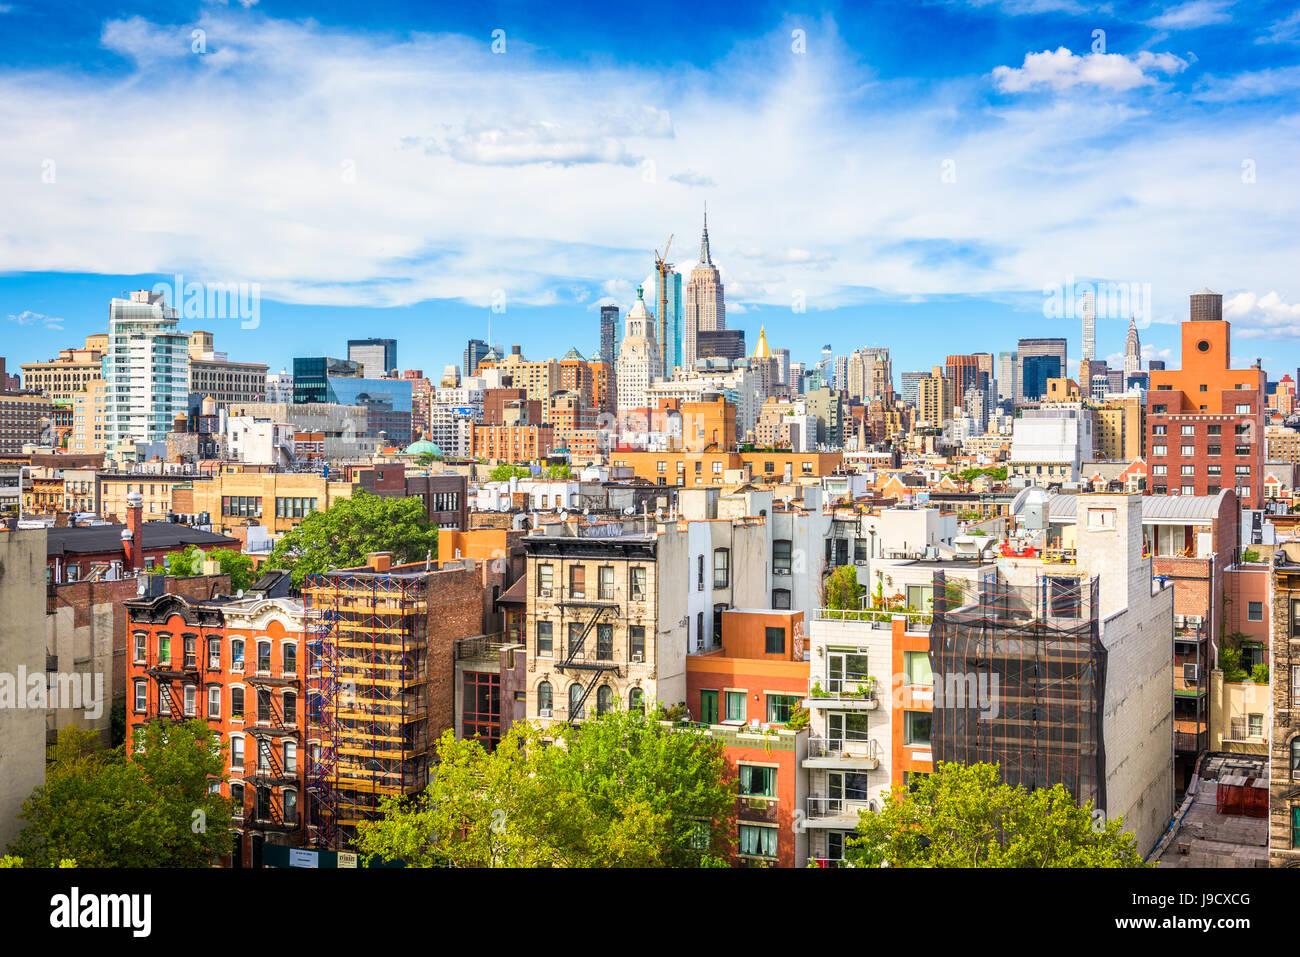 Vista de la ciudad de Nueva York hacia el Lower East Side de Manhattan. Imagen De Stock